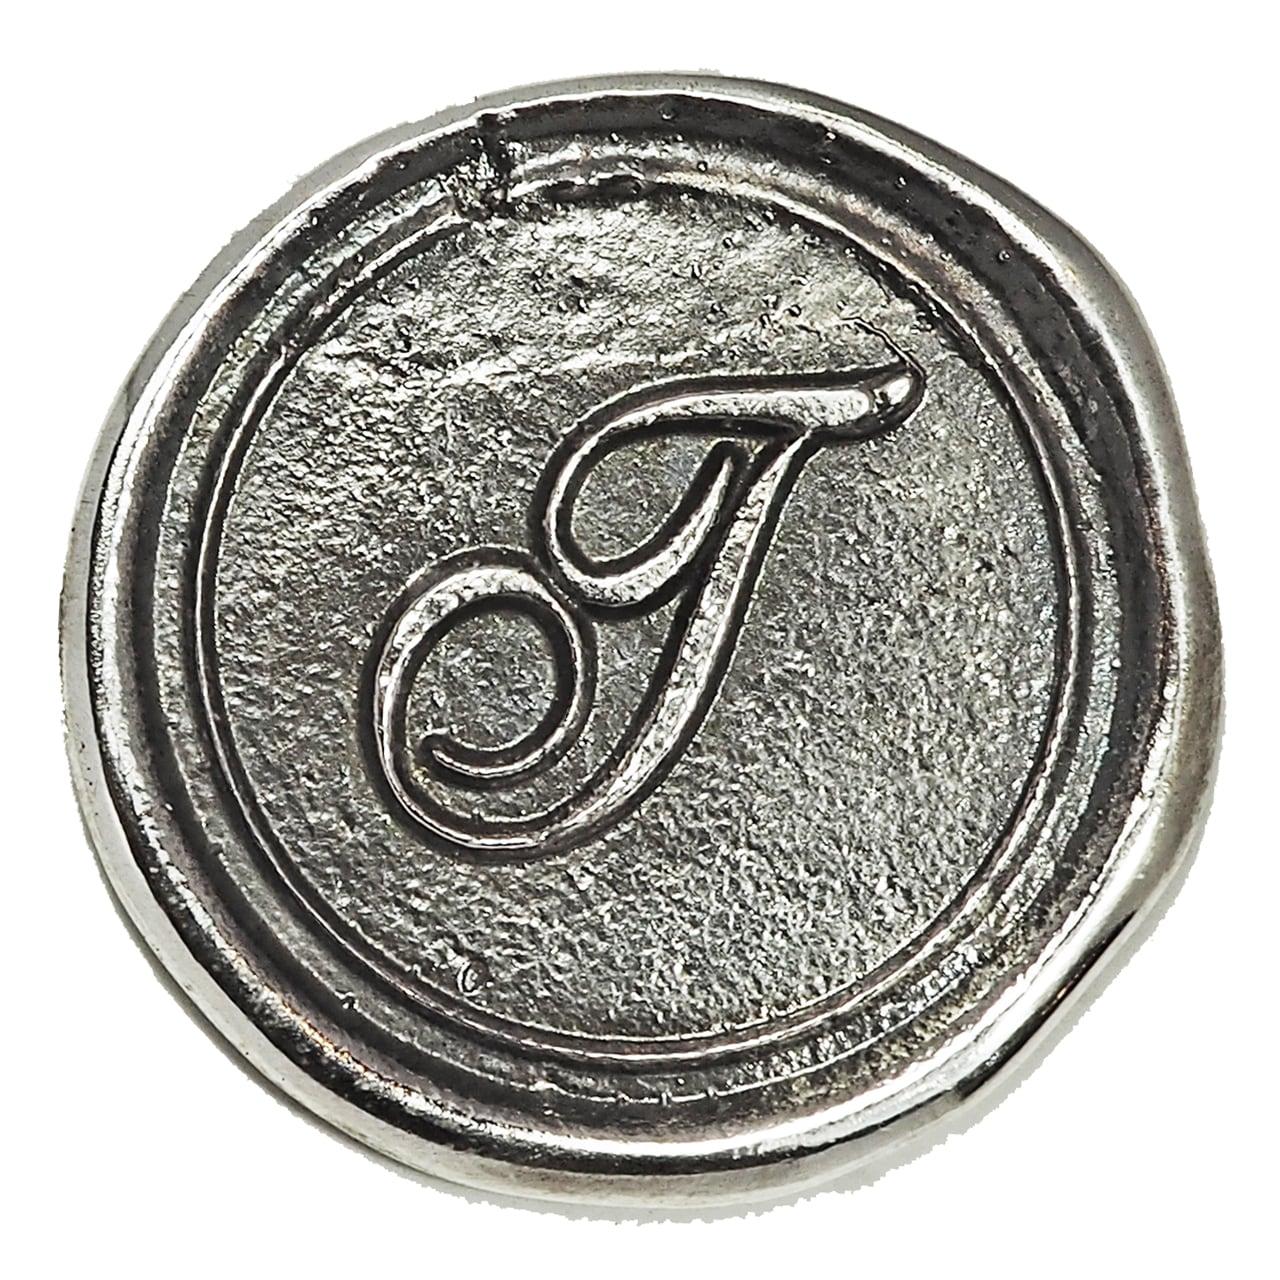 シーリングイニシャル LL 〈T〉 シルバー / コンチョボタン